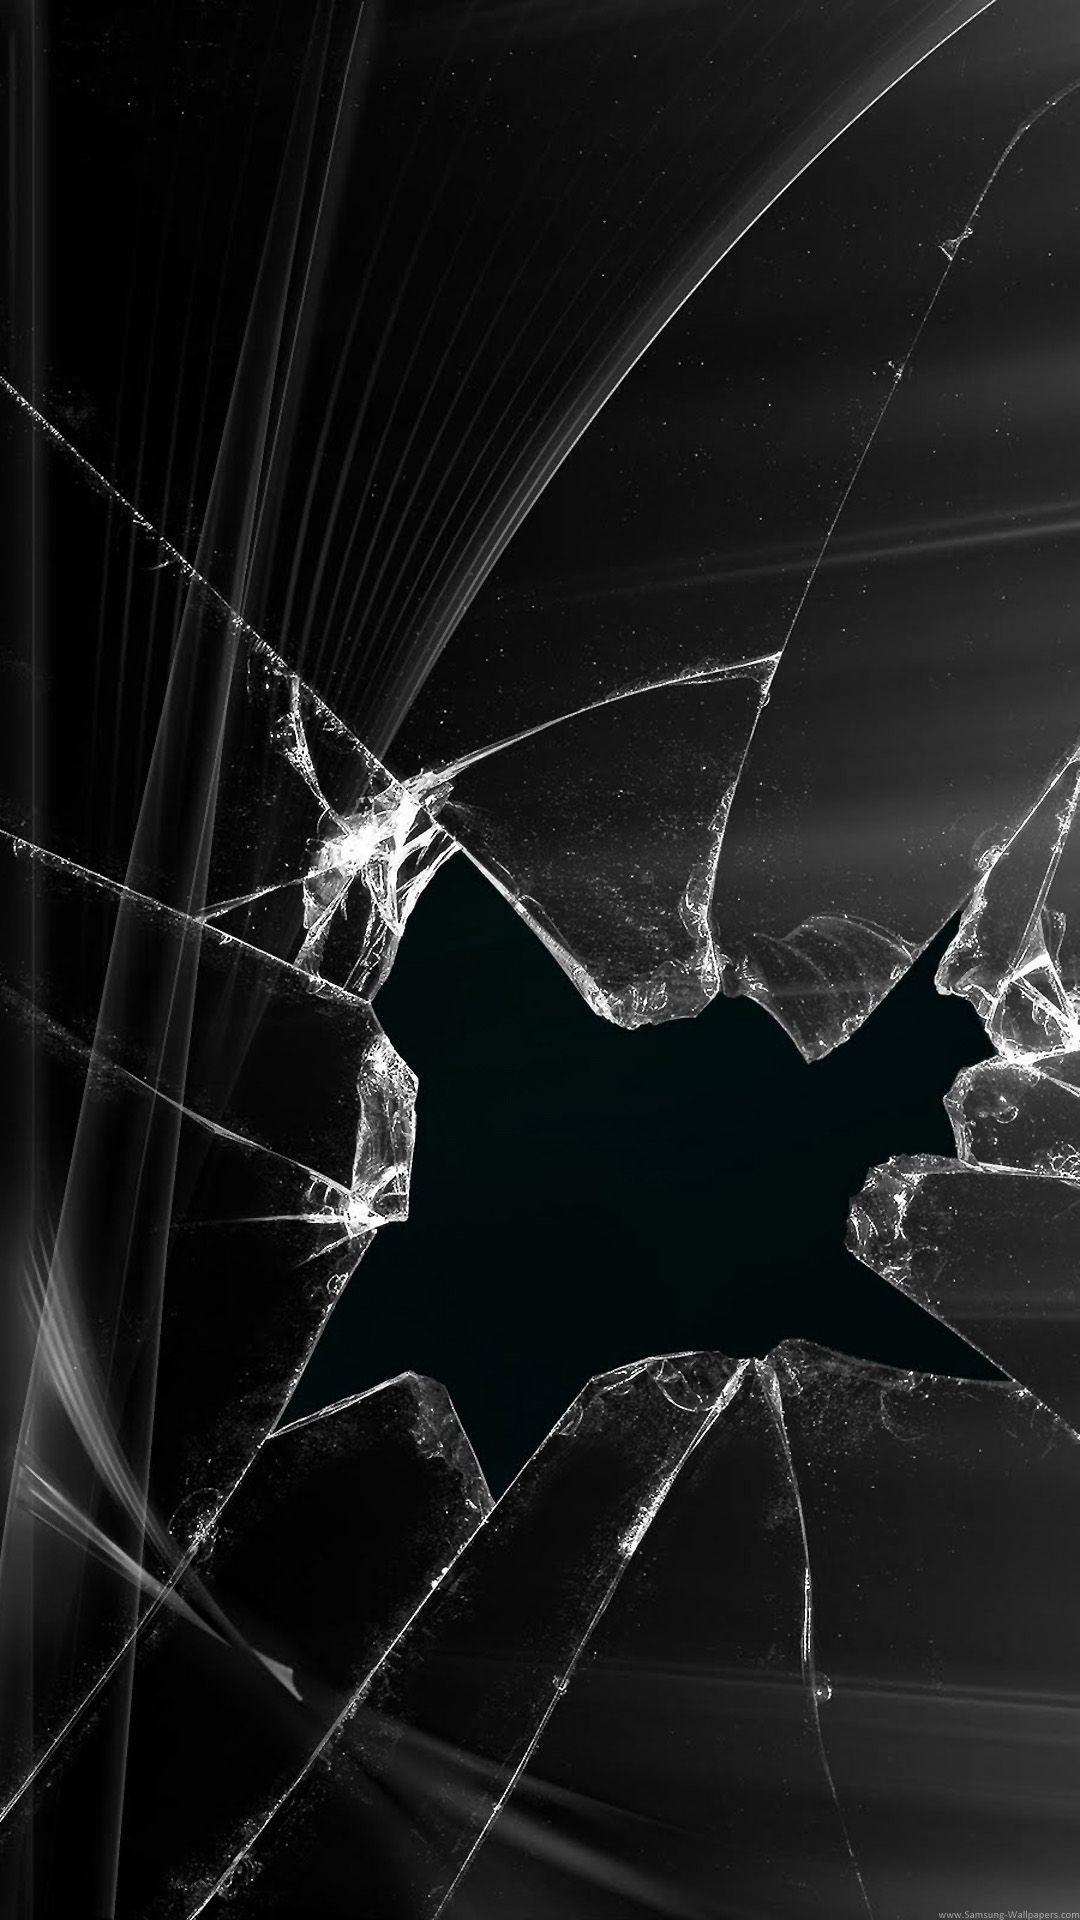 broken-screen-wallpaper-black-abstract-picture-cracked-screen-wallpaper.jpg (1080×1920) | Broken ...